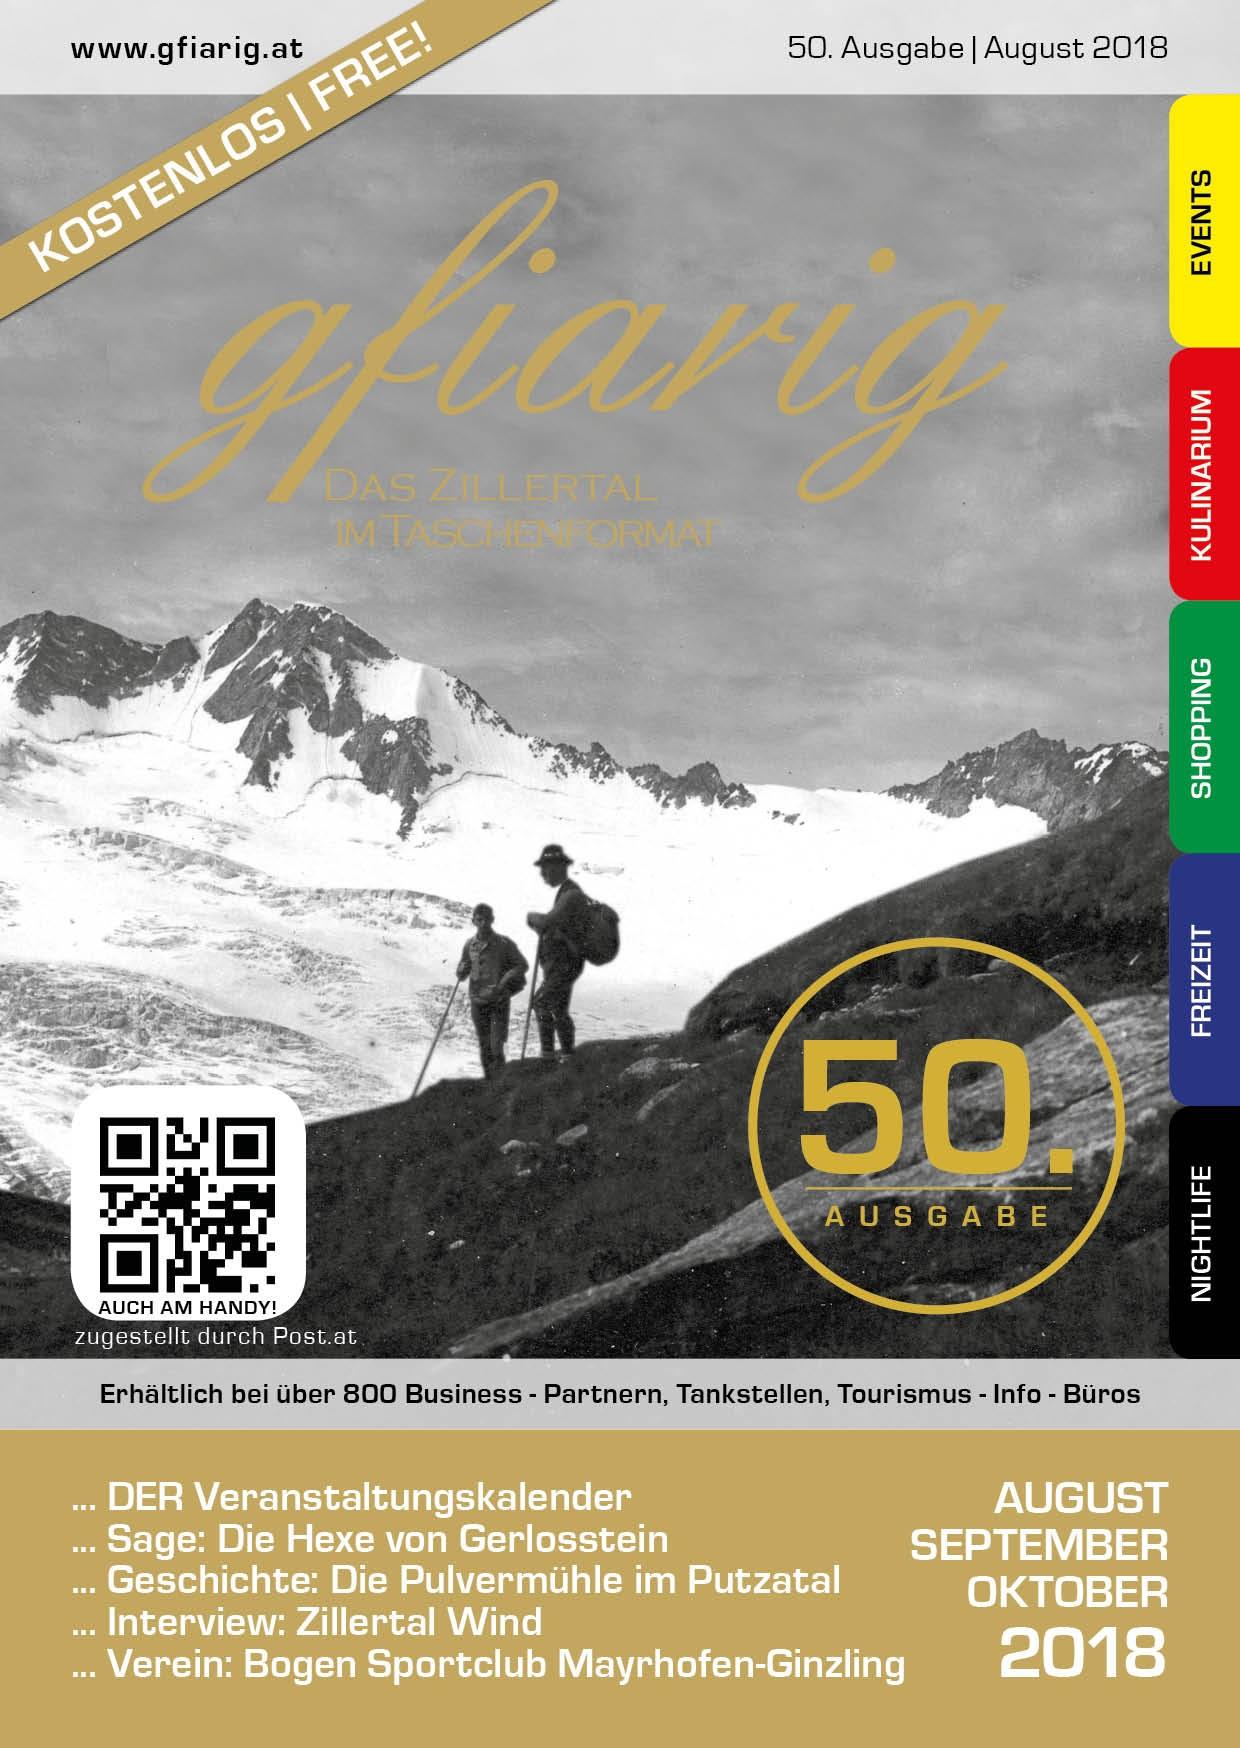 Gfiarig - 50.Ausgabe - August 2018